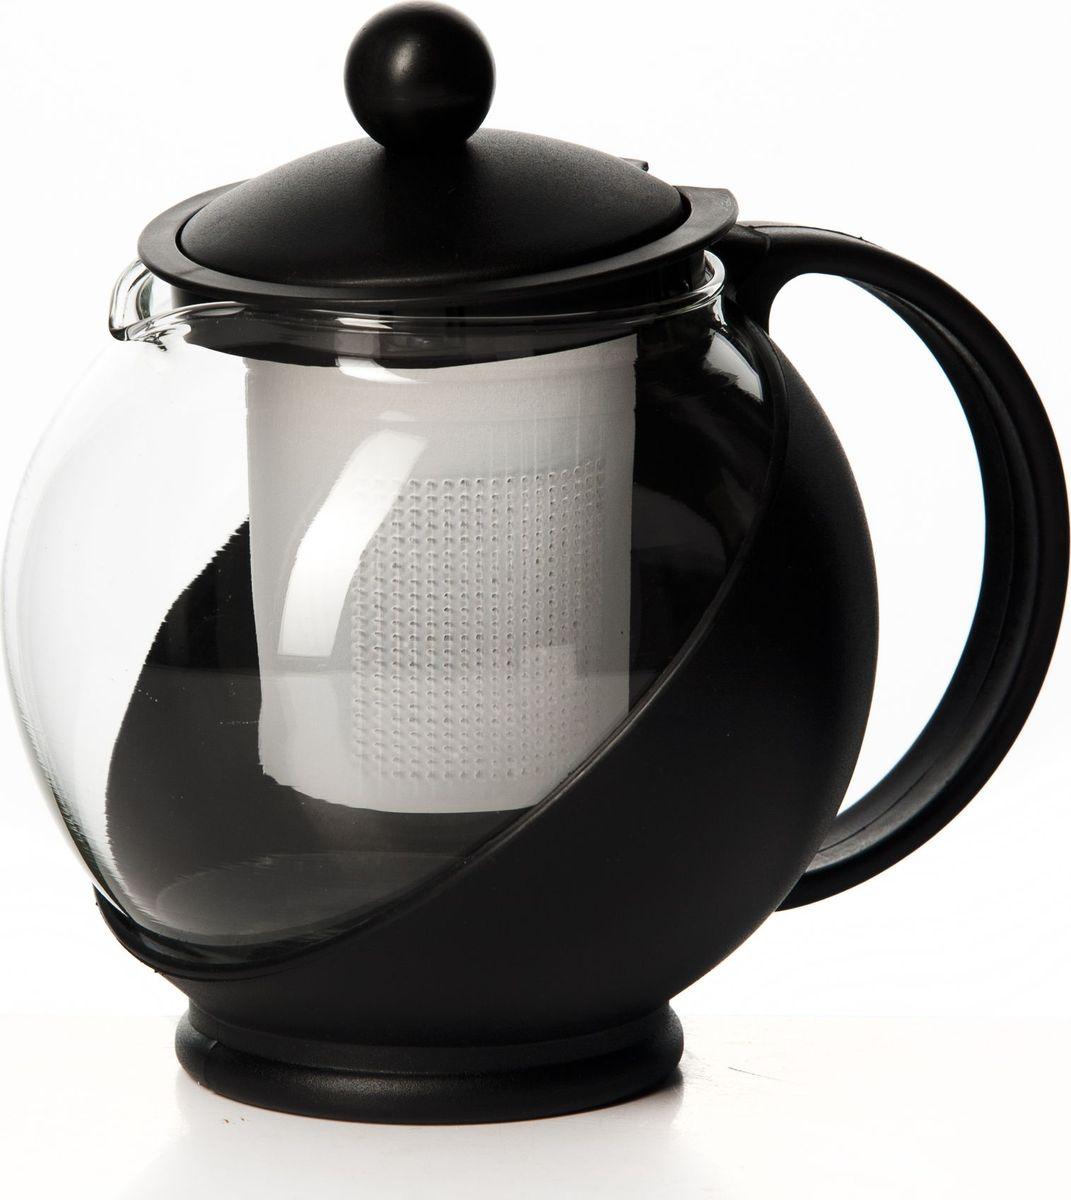 Чайник заварочный Gotoff, цвет: черный, 750 мл. XY-751PVT-1520(SR)Чайник 750 мл круглый 16*14 см